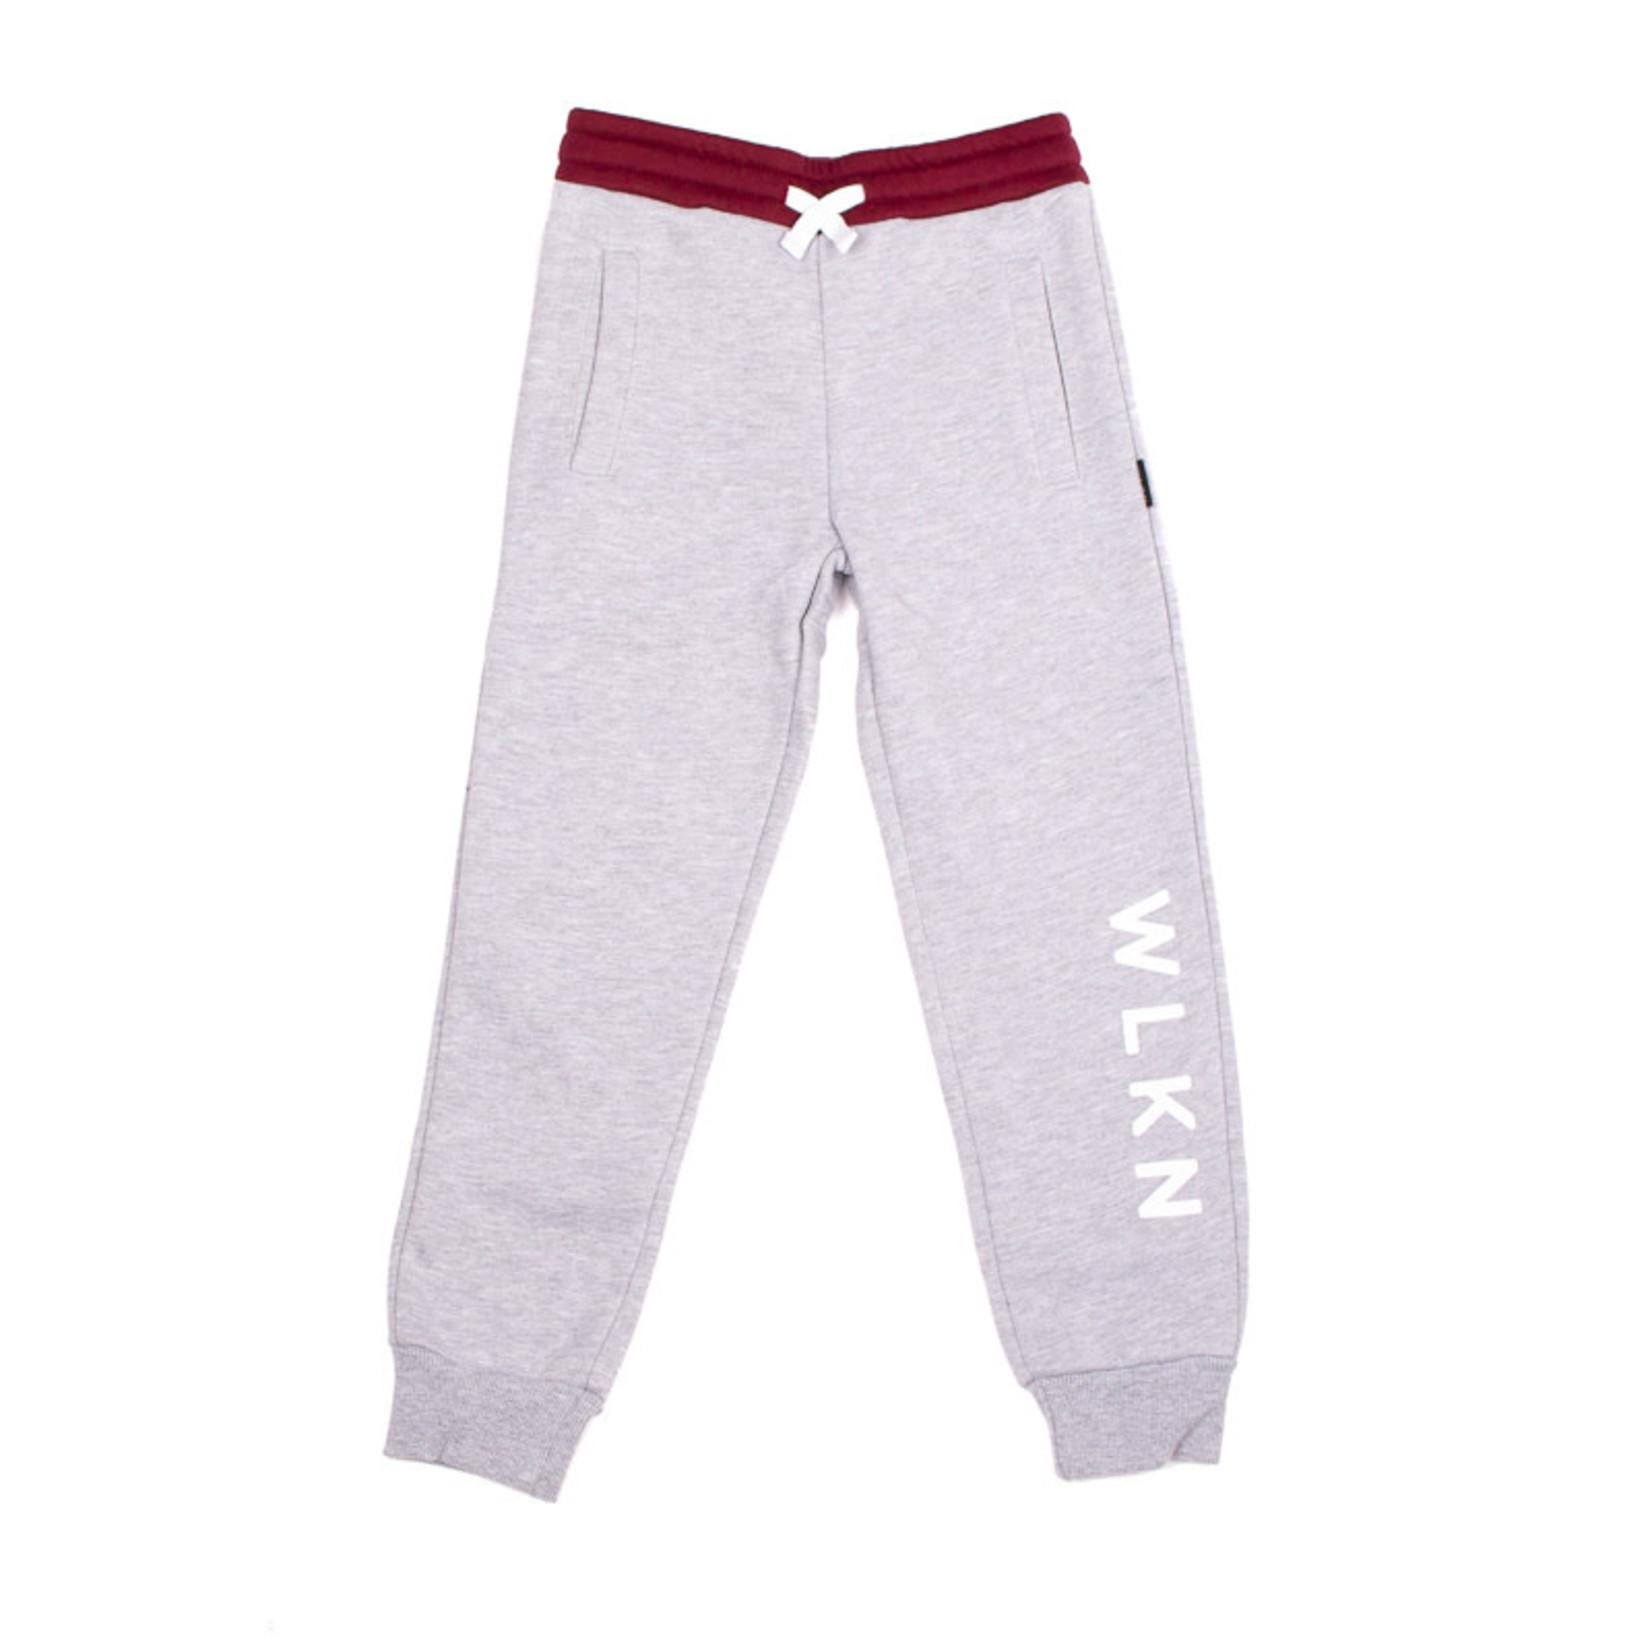 WLKN WLKN : Junior Lauren Sweatpants